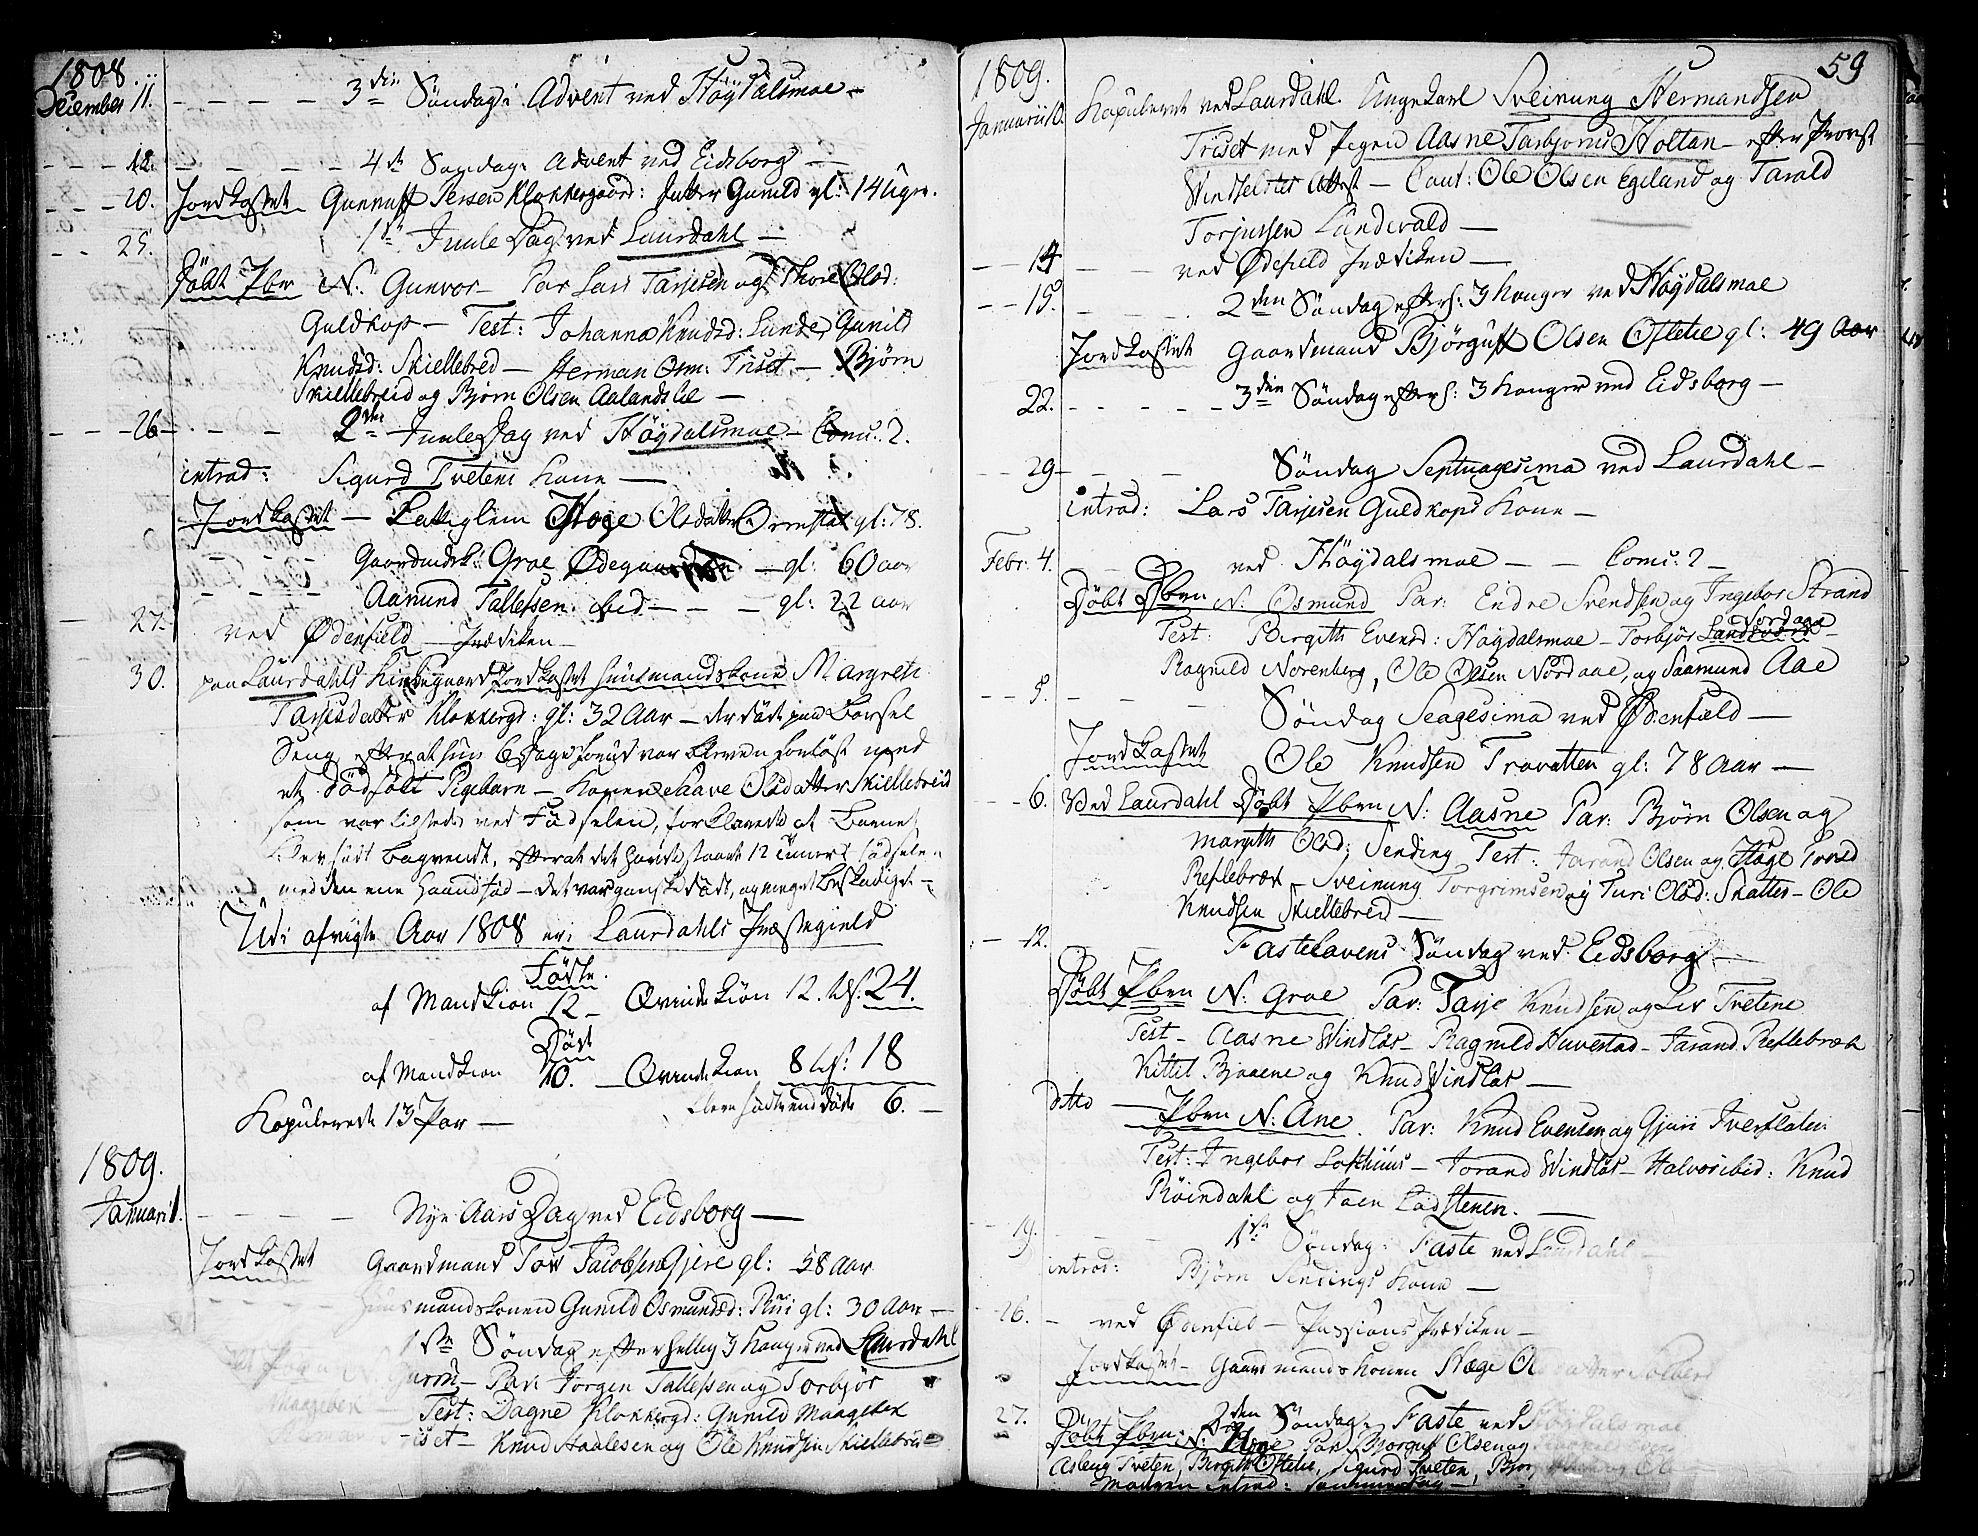 SAKO, Lårdal kirkebøker, F/Fa/L0004: Ministerialbok nr. I 4, 1790-1814, s. 59